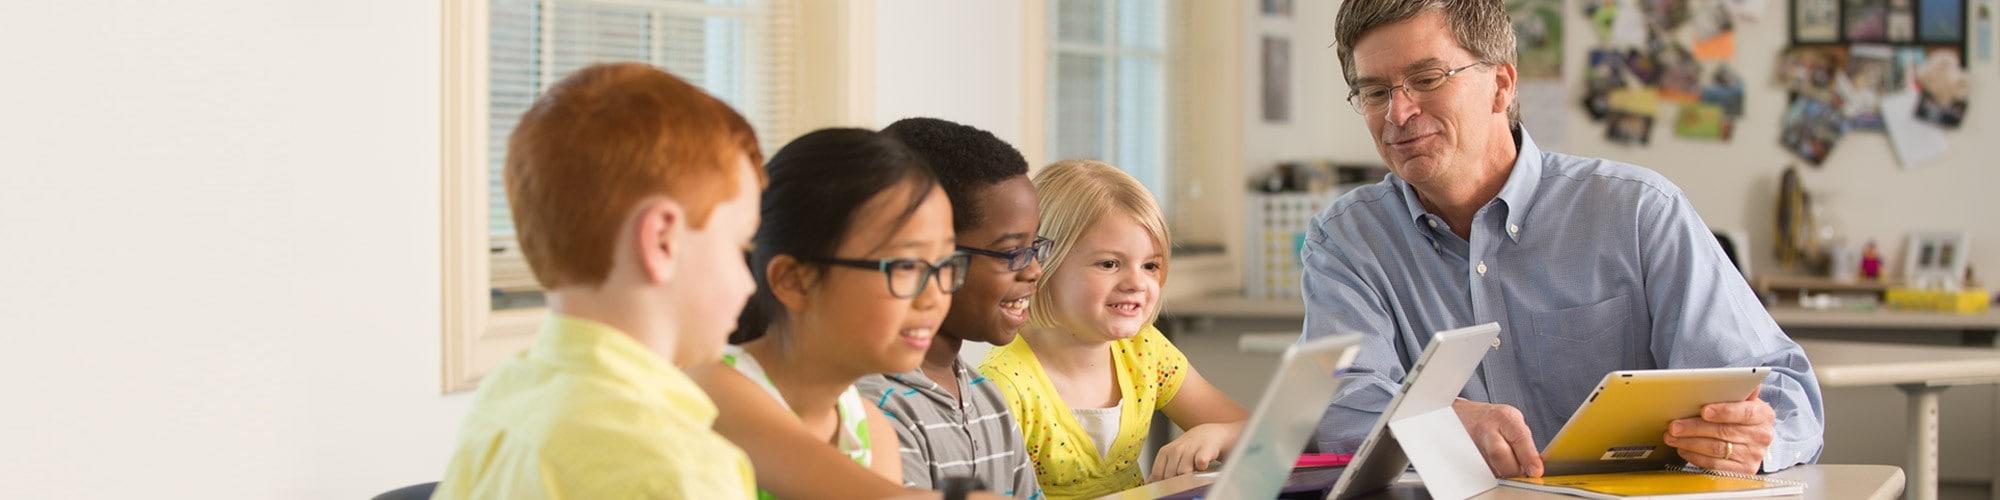 デジタル・カリキュラムを復習する生徒と教師